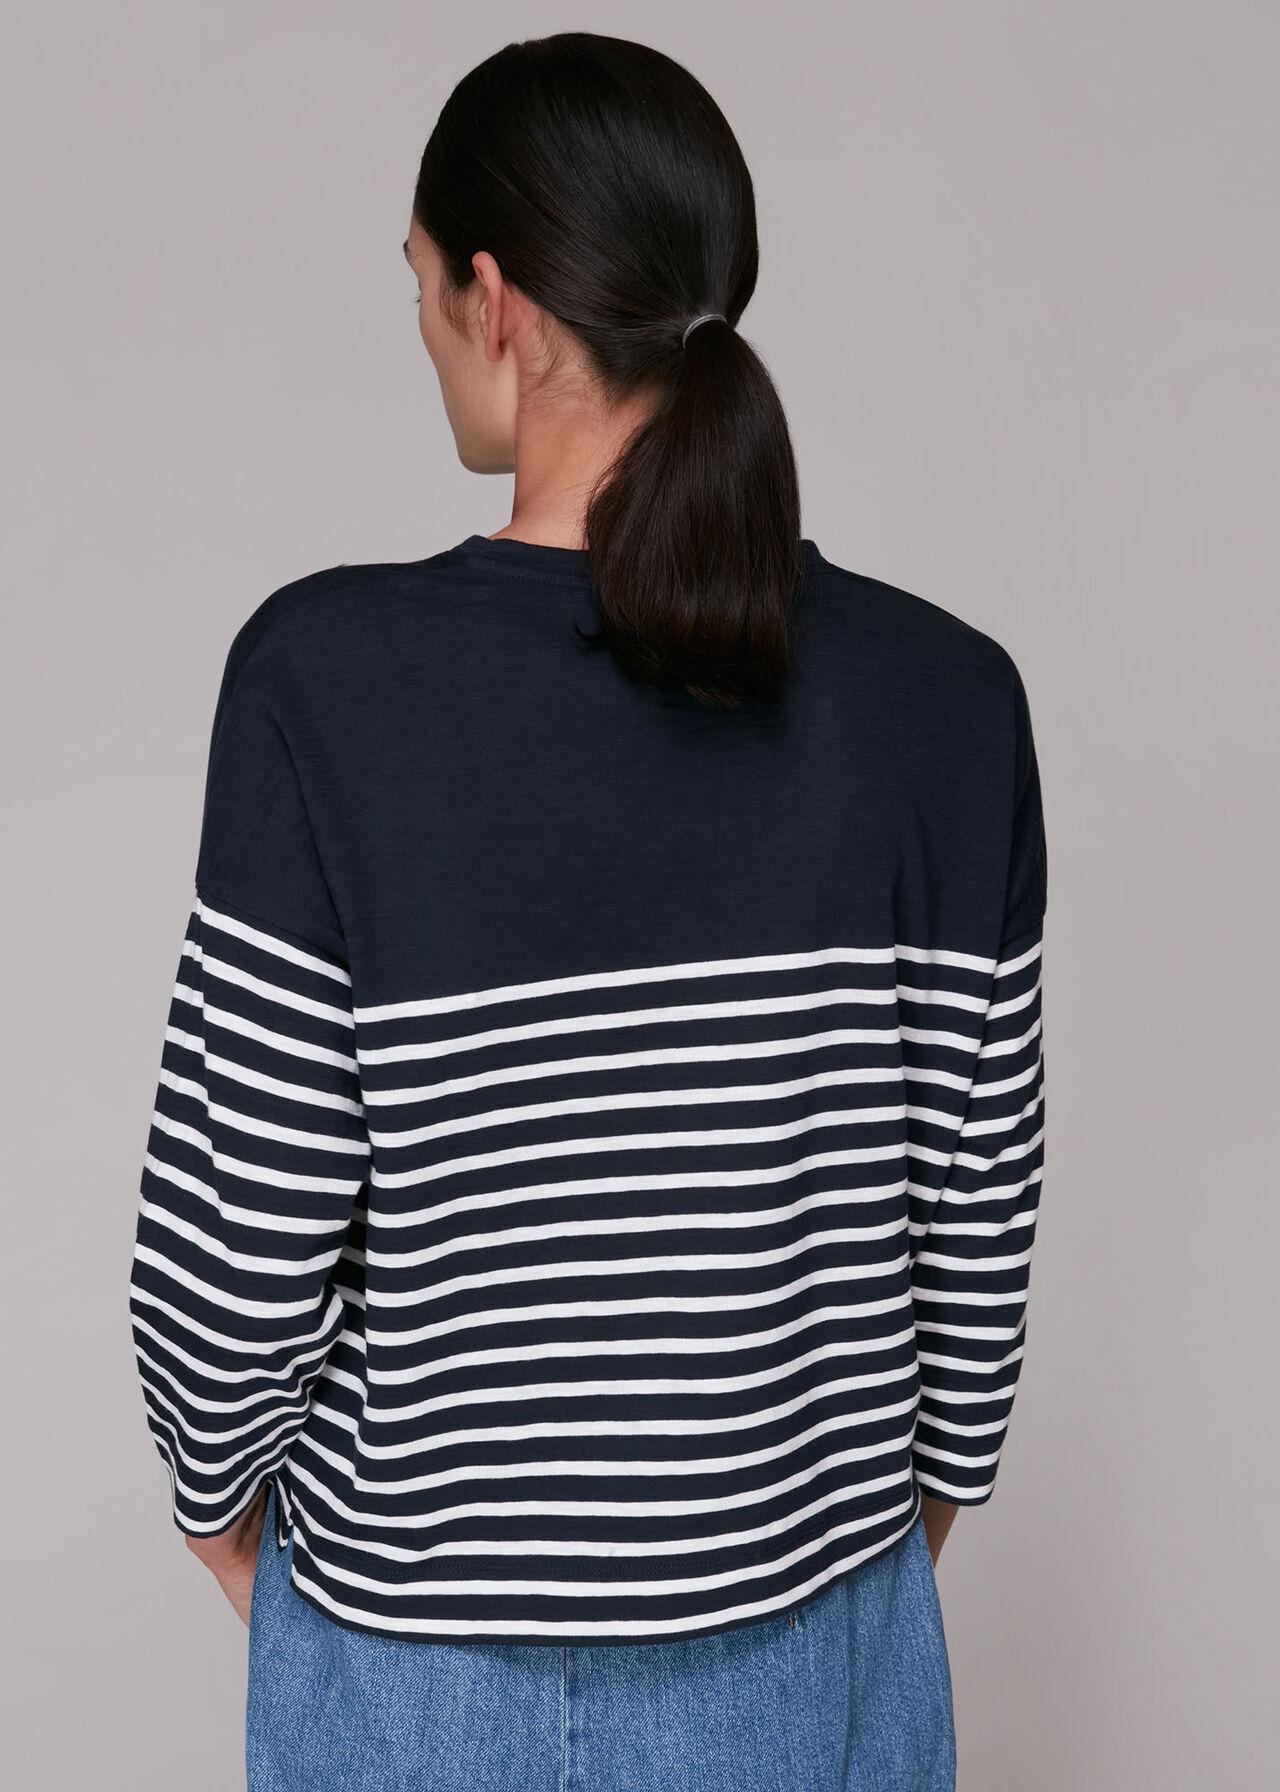 Breton Cotton Pocket Top